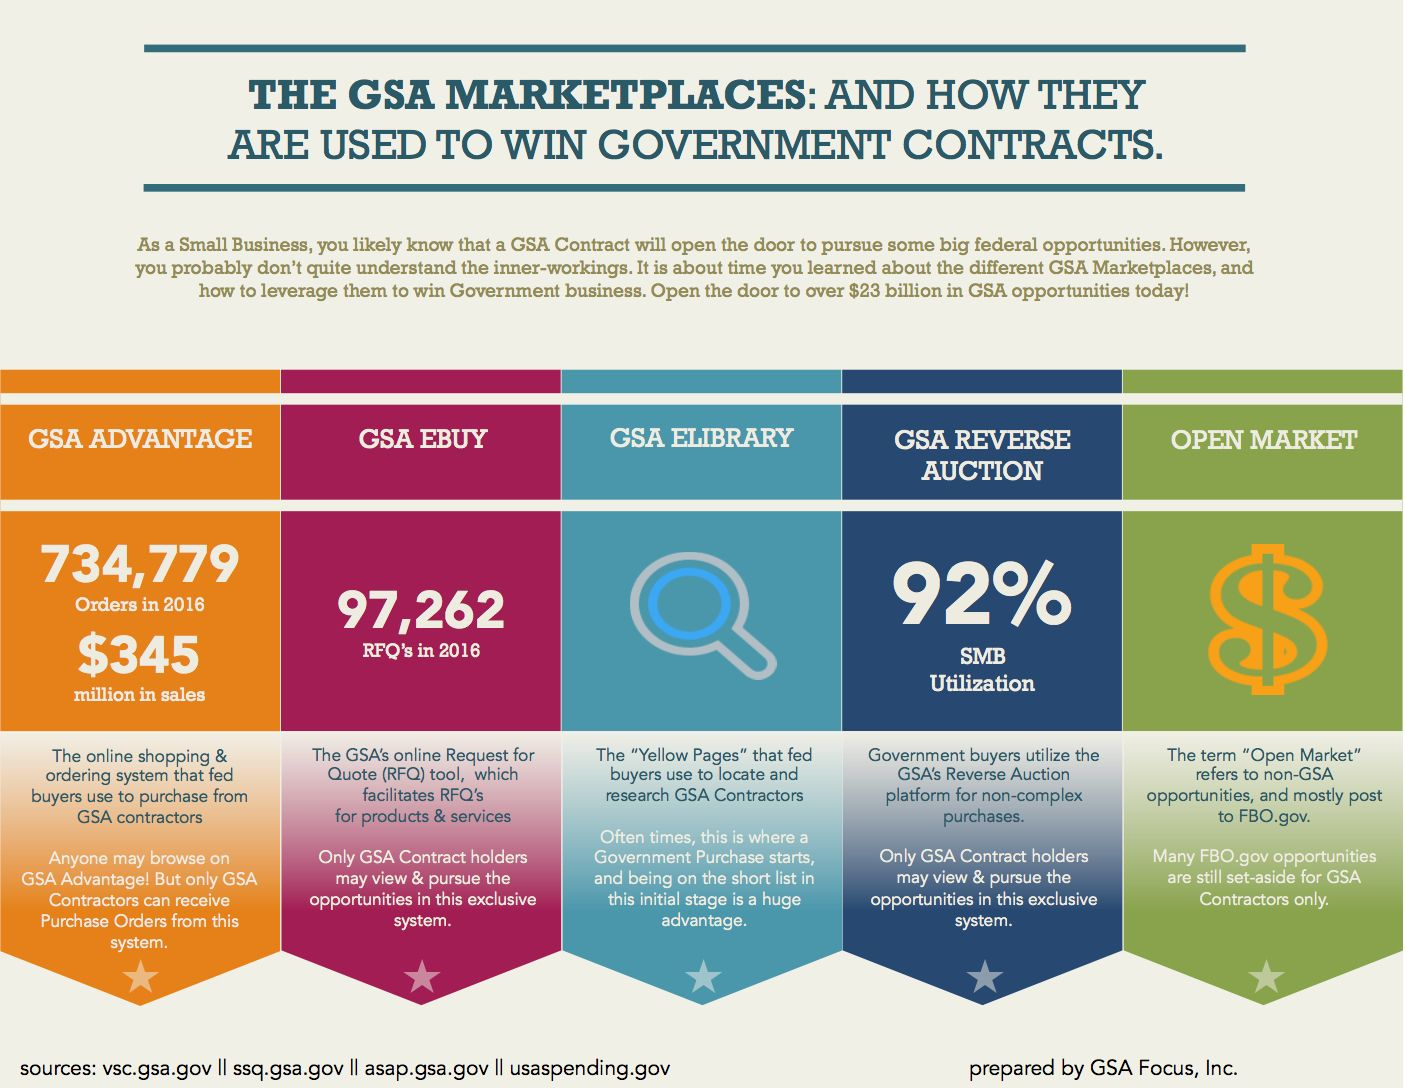 Gsa Advantage Gsa Ebuy Amp Other Marketplaces